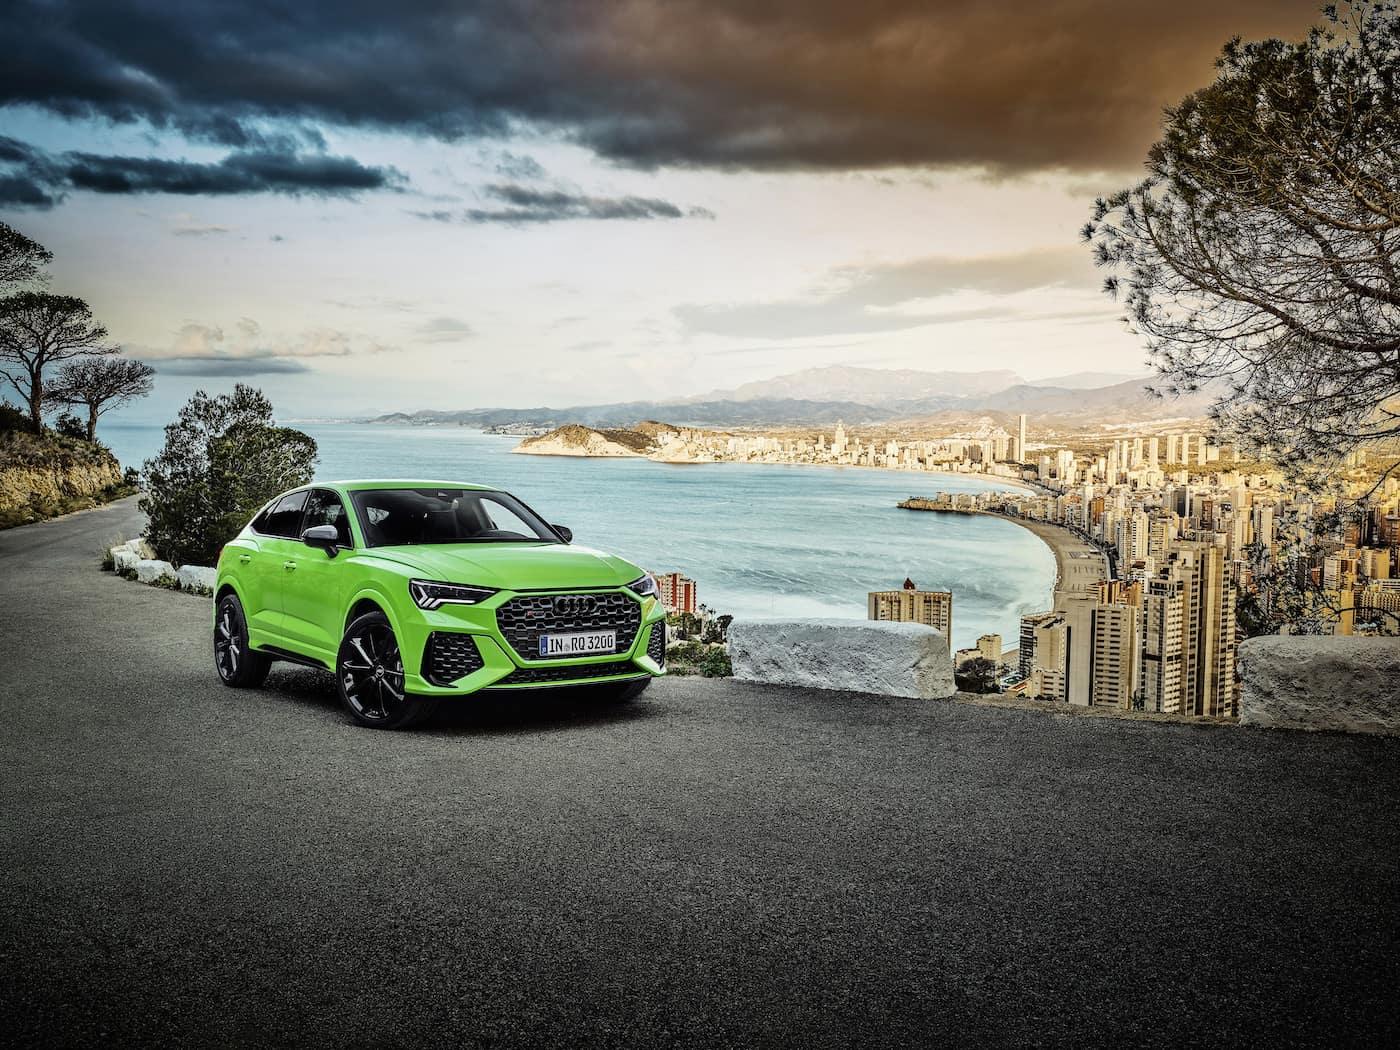 Kompakt und kraftvoll: Audi RS Q3 und Audi RS Q3 Sportback 2